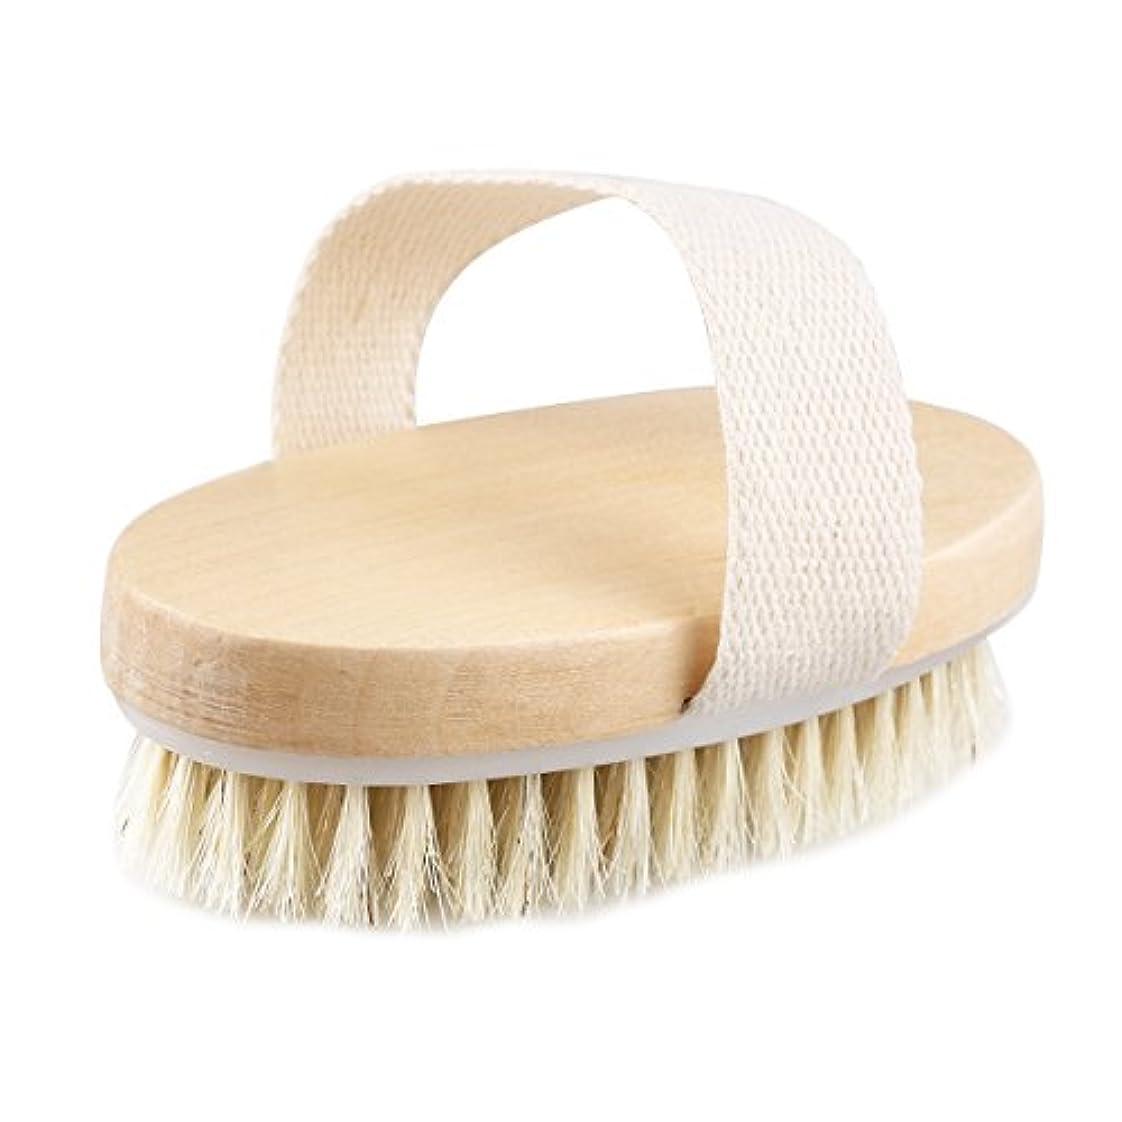 契約する格差焦げTOPBATHY 木の浴室のシャワーの剛毛のブラシのハンドルなしのボディブラシ